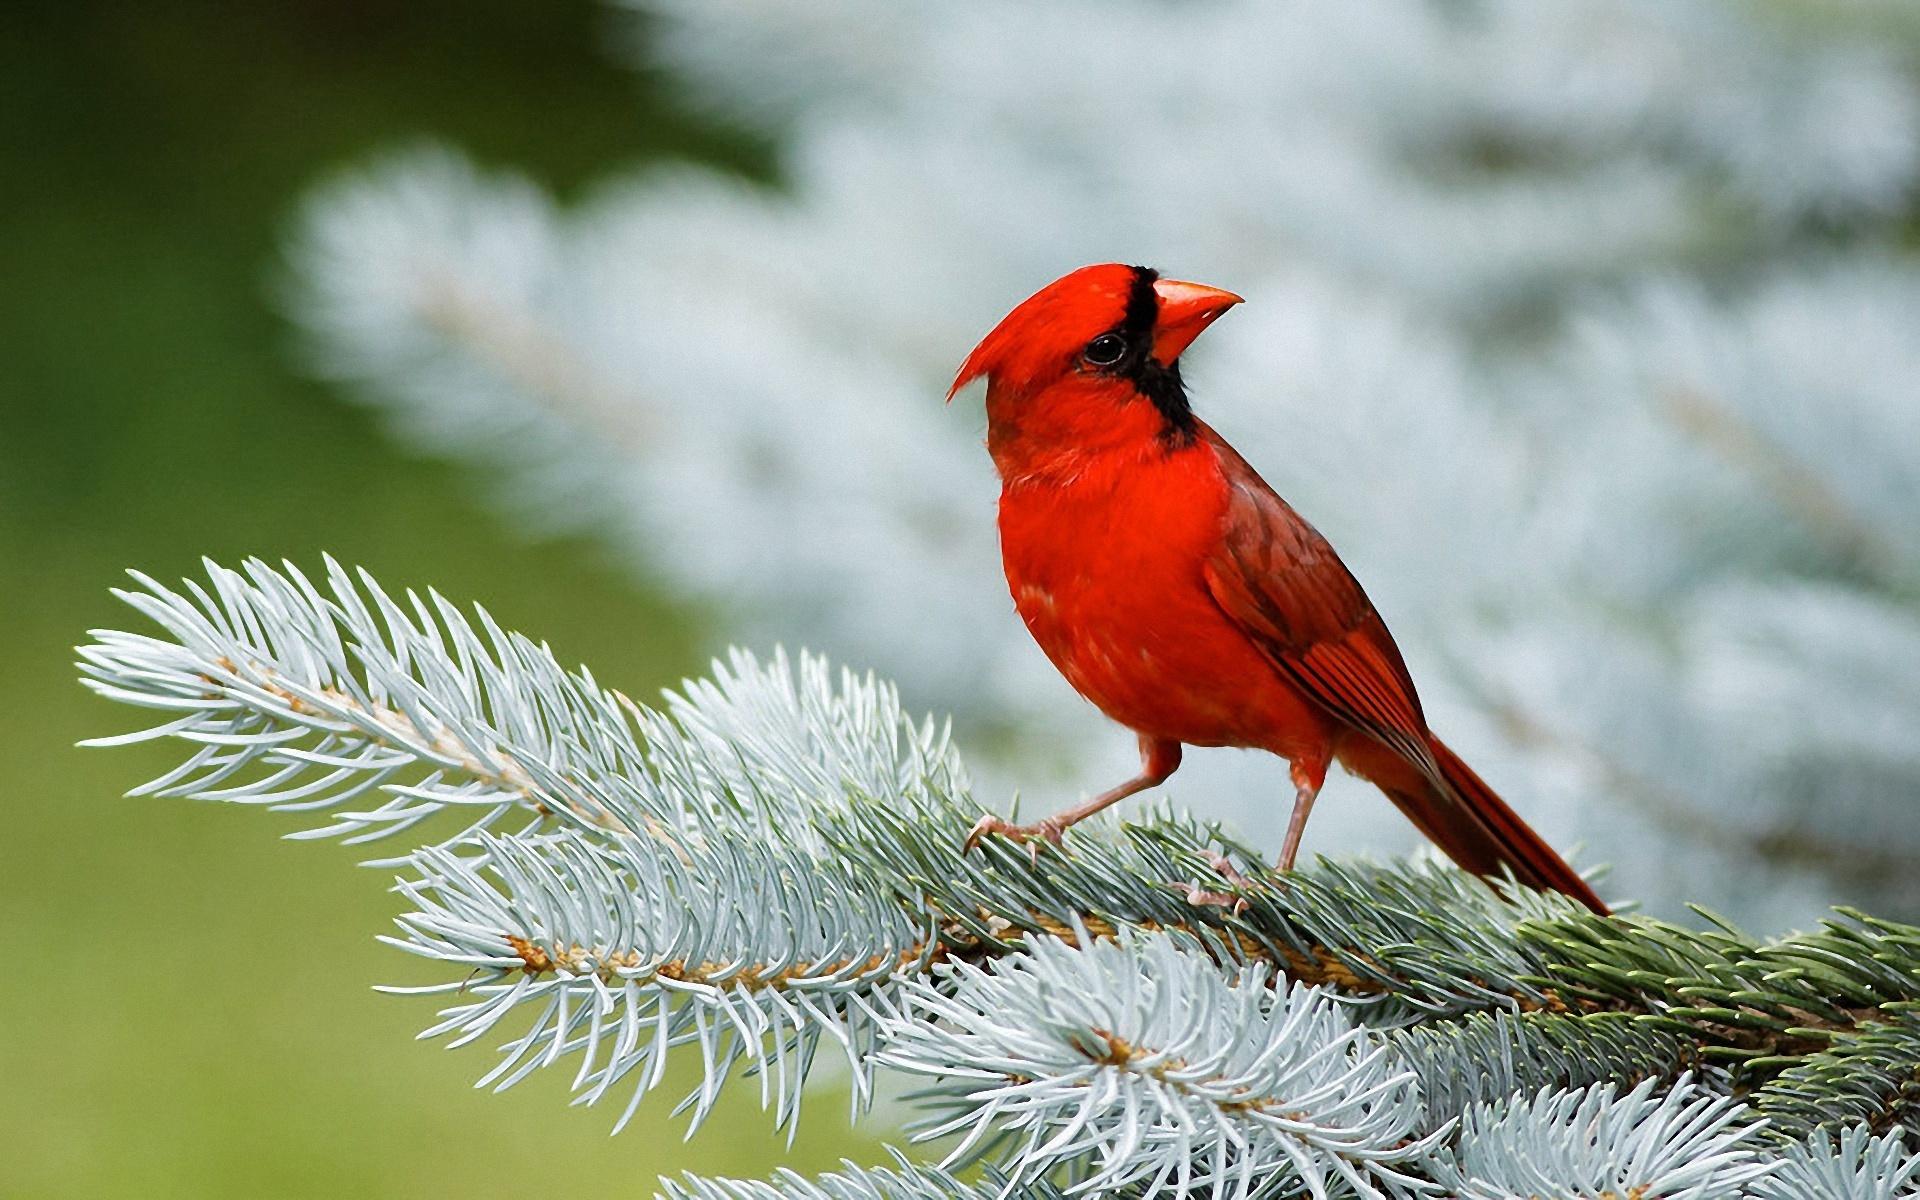 bird wallpaper red